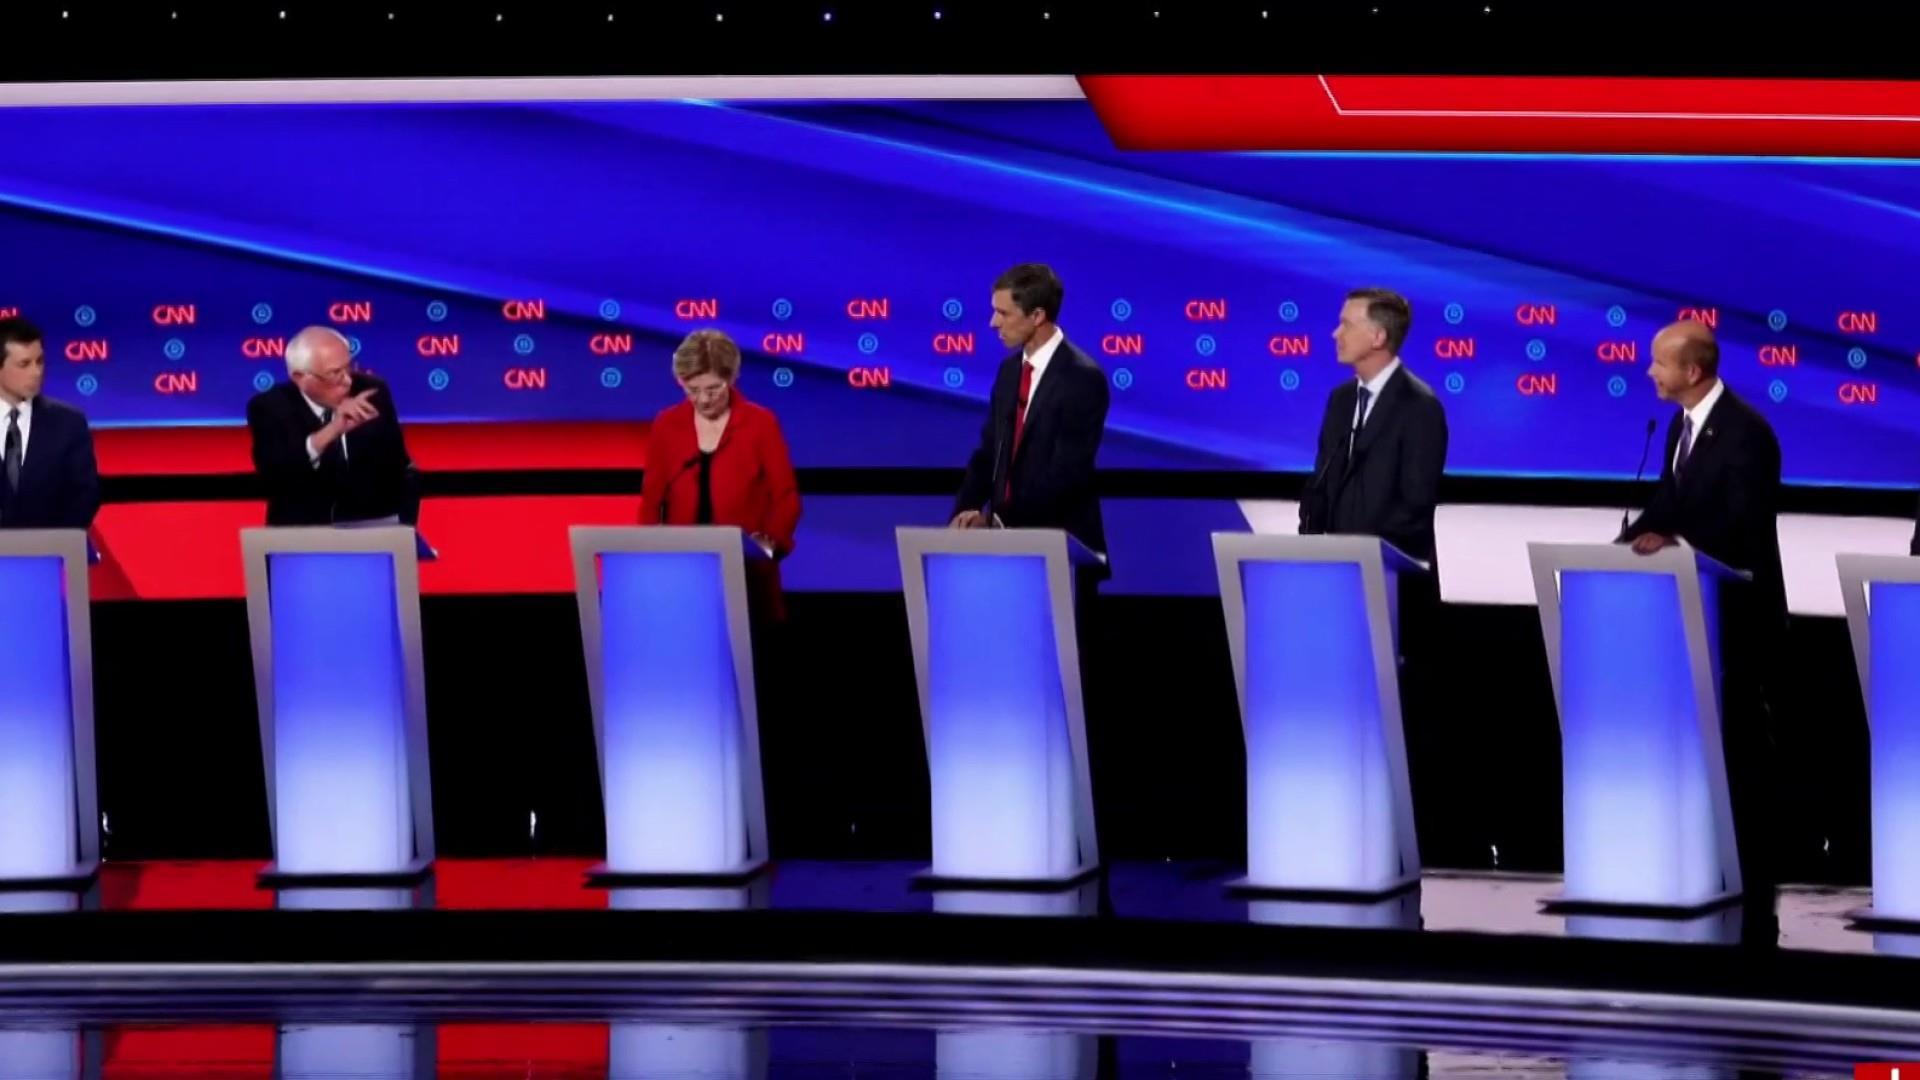 Liberals and moderates clash in second Dem debate